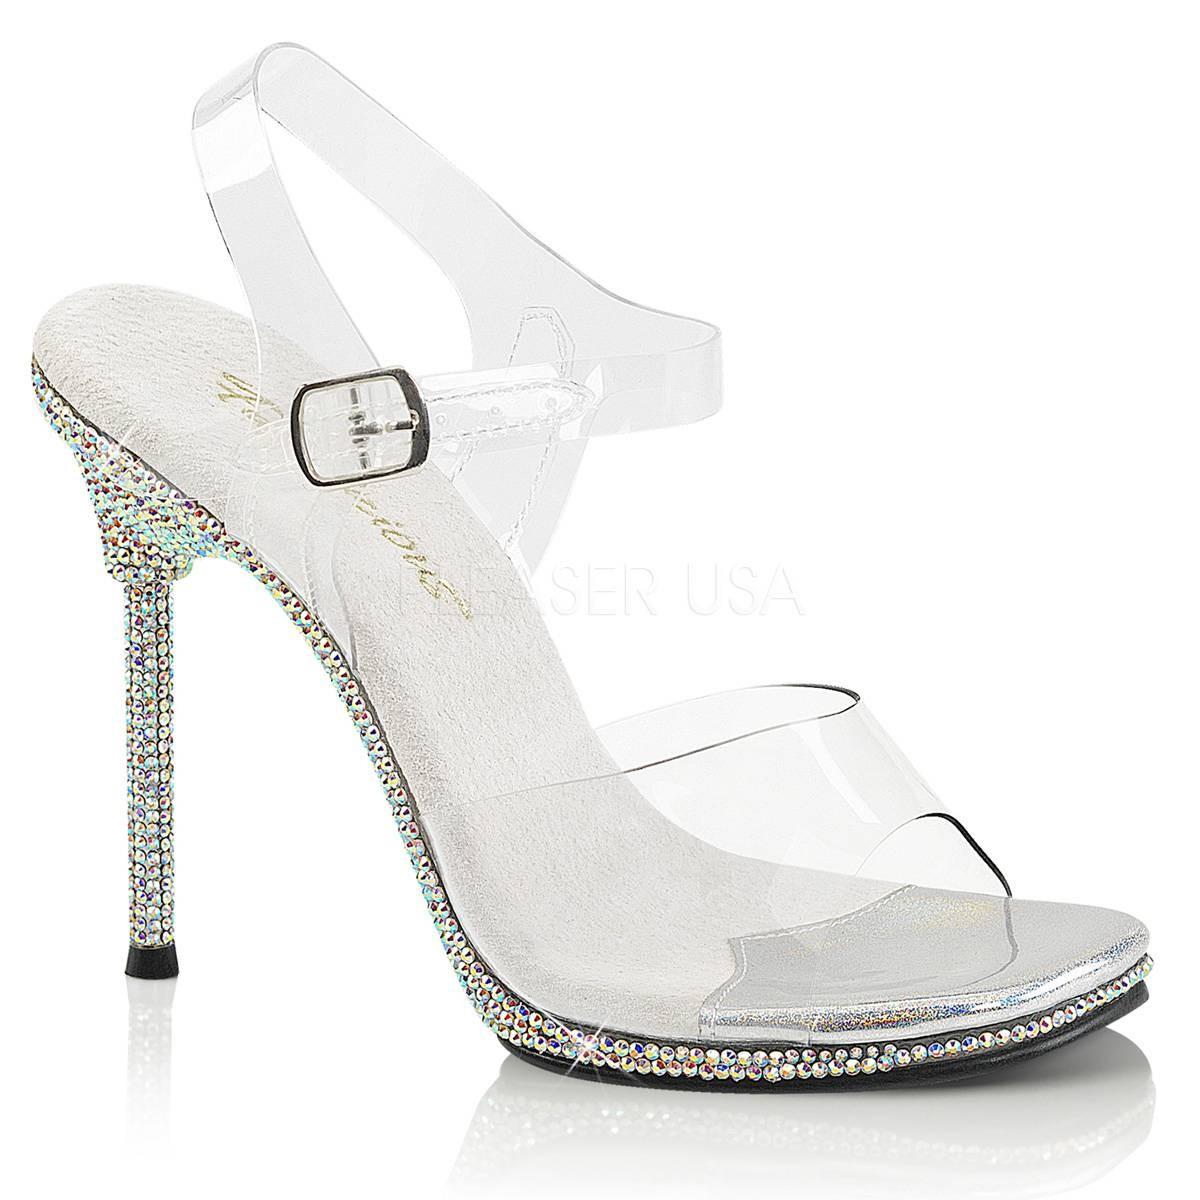 Highheels für Frauen - CHIC 08DM ° Damen Sandalette ° TransparentMatt ° Fabulicious  - Onlineshop RedSixty